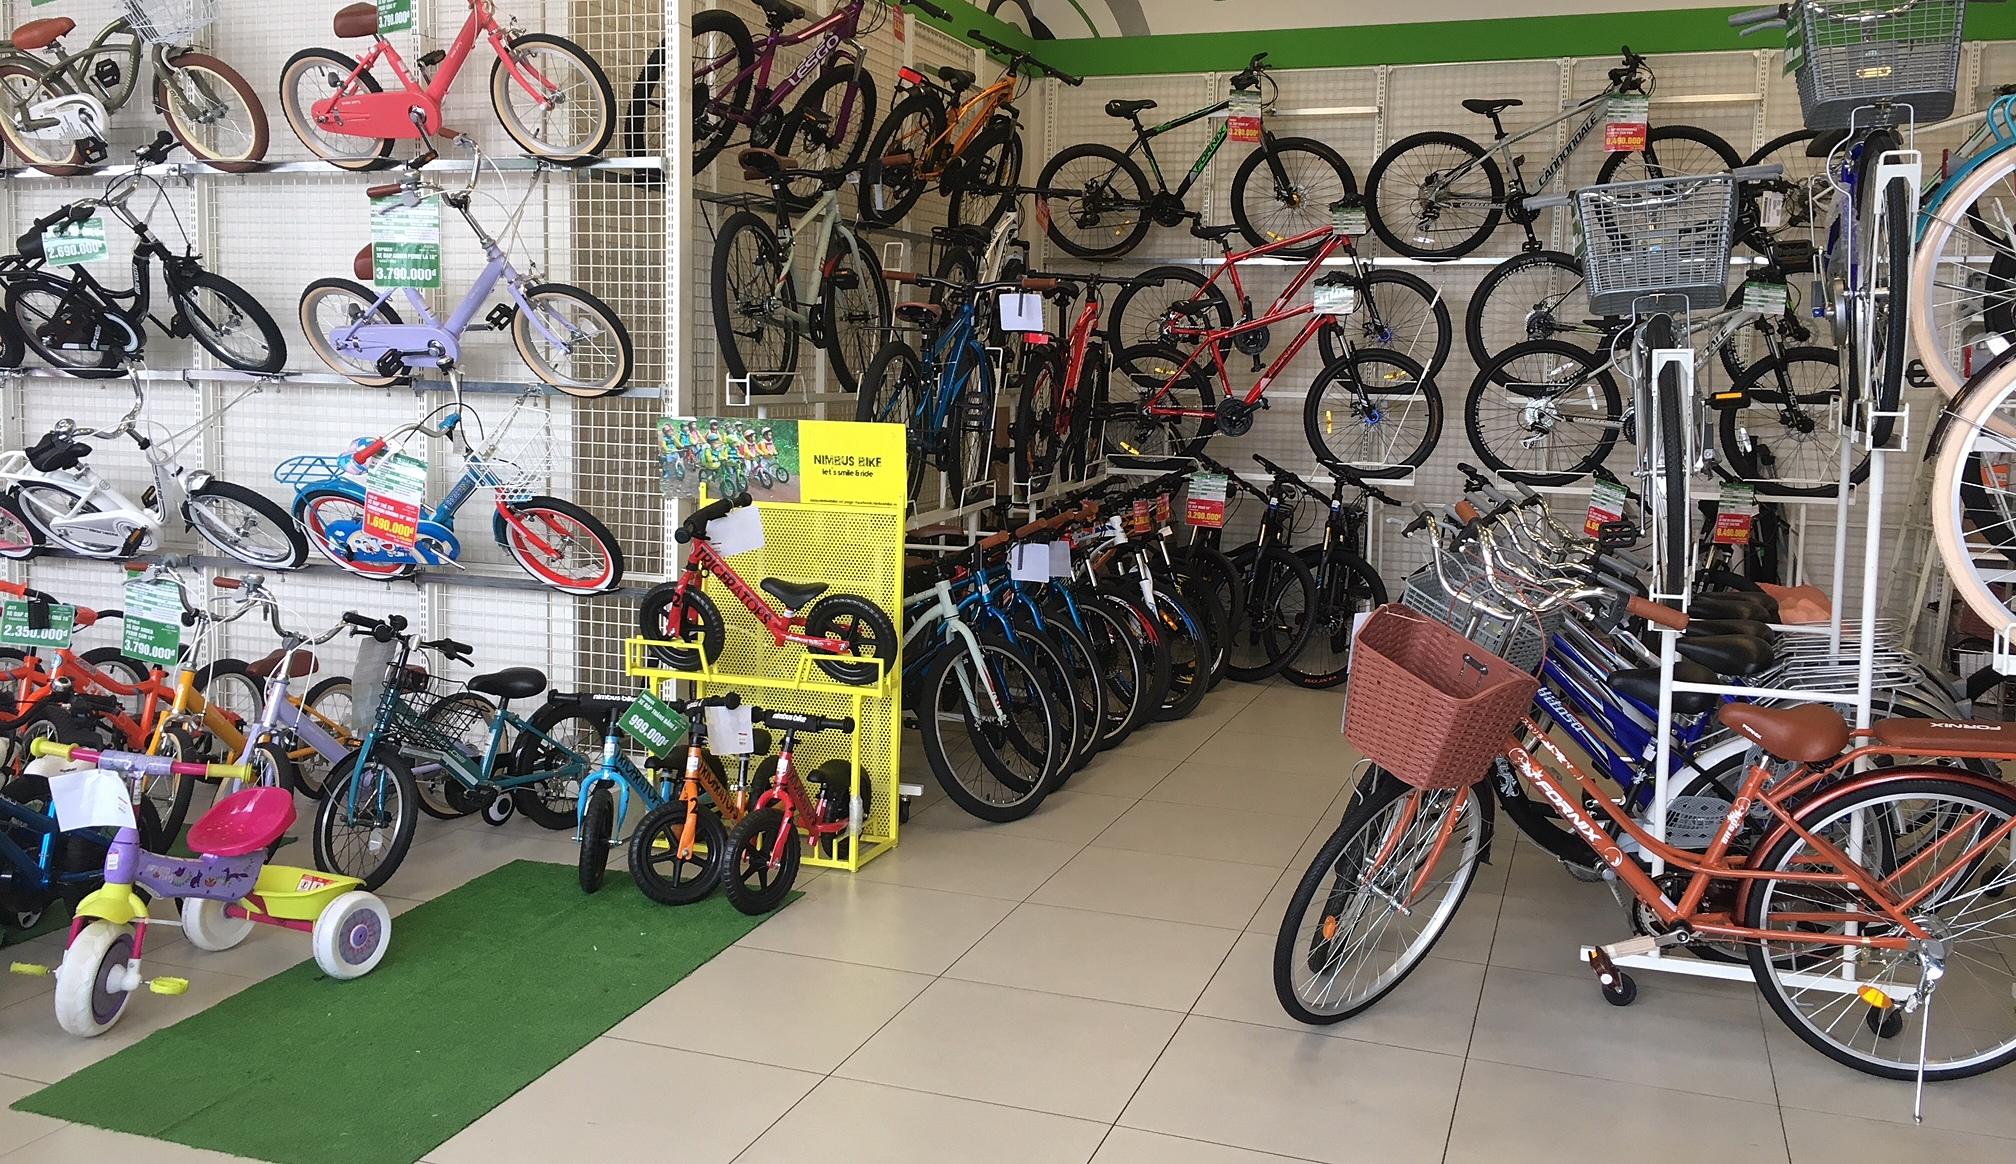 Mùa dịch, sức mua xe đạp trên thị trường tăng đột biến